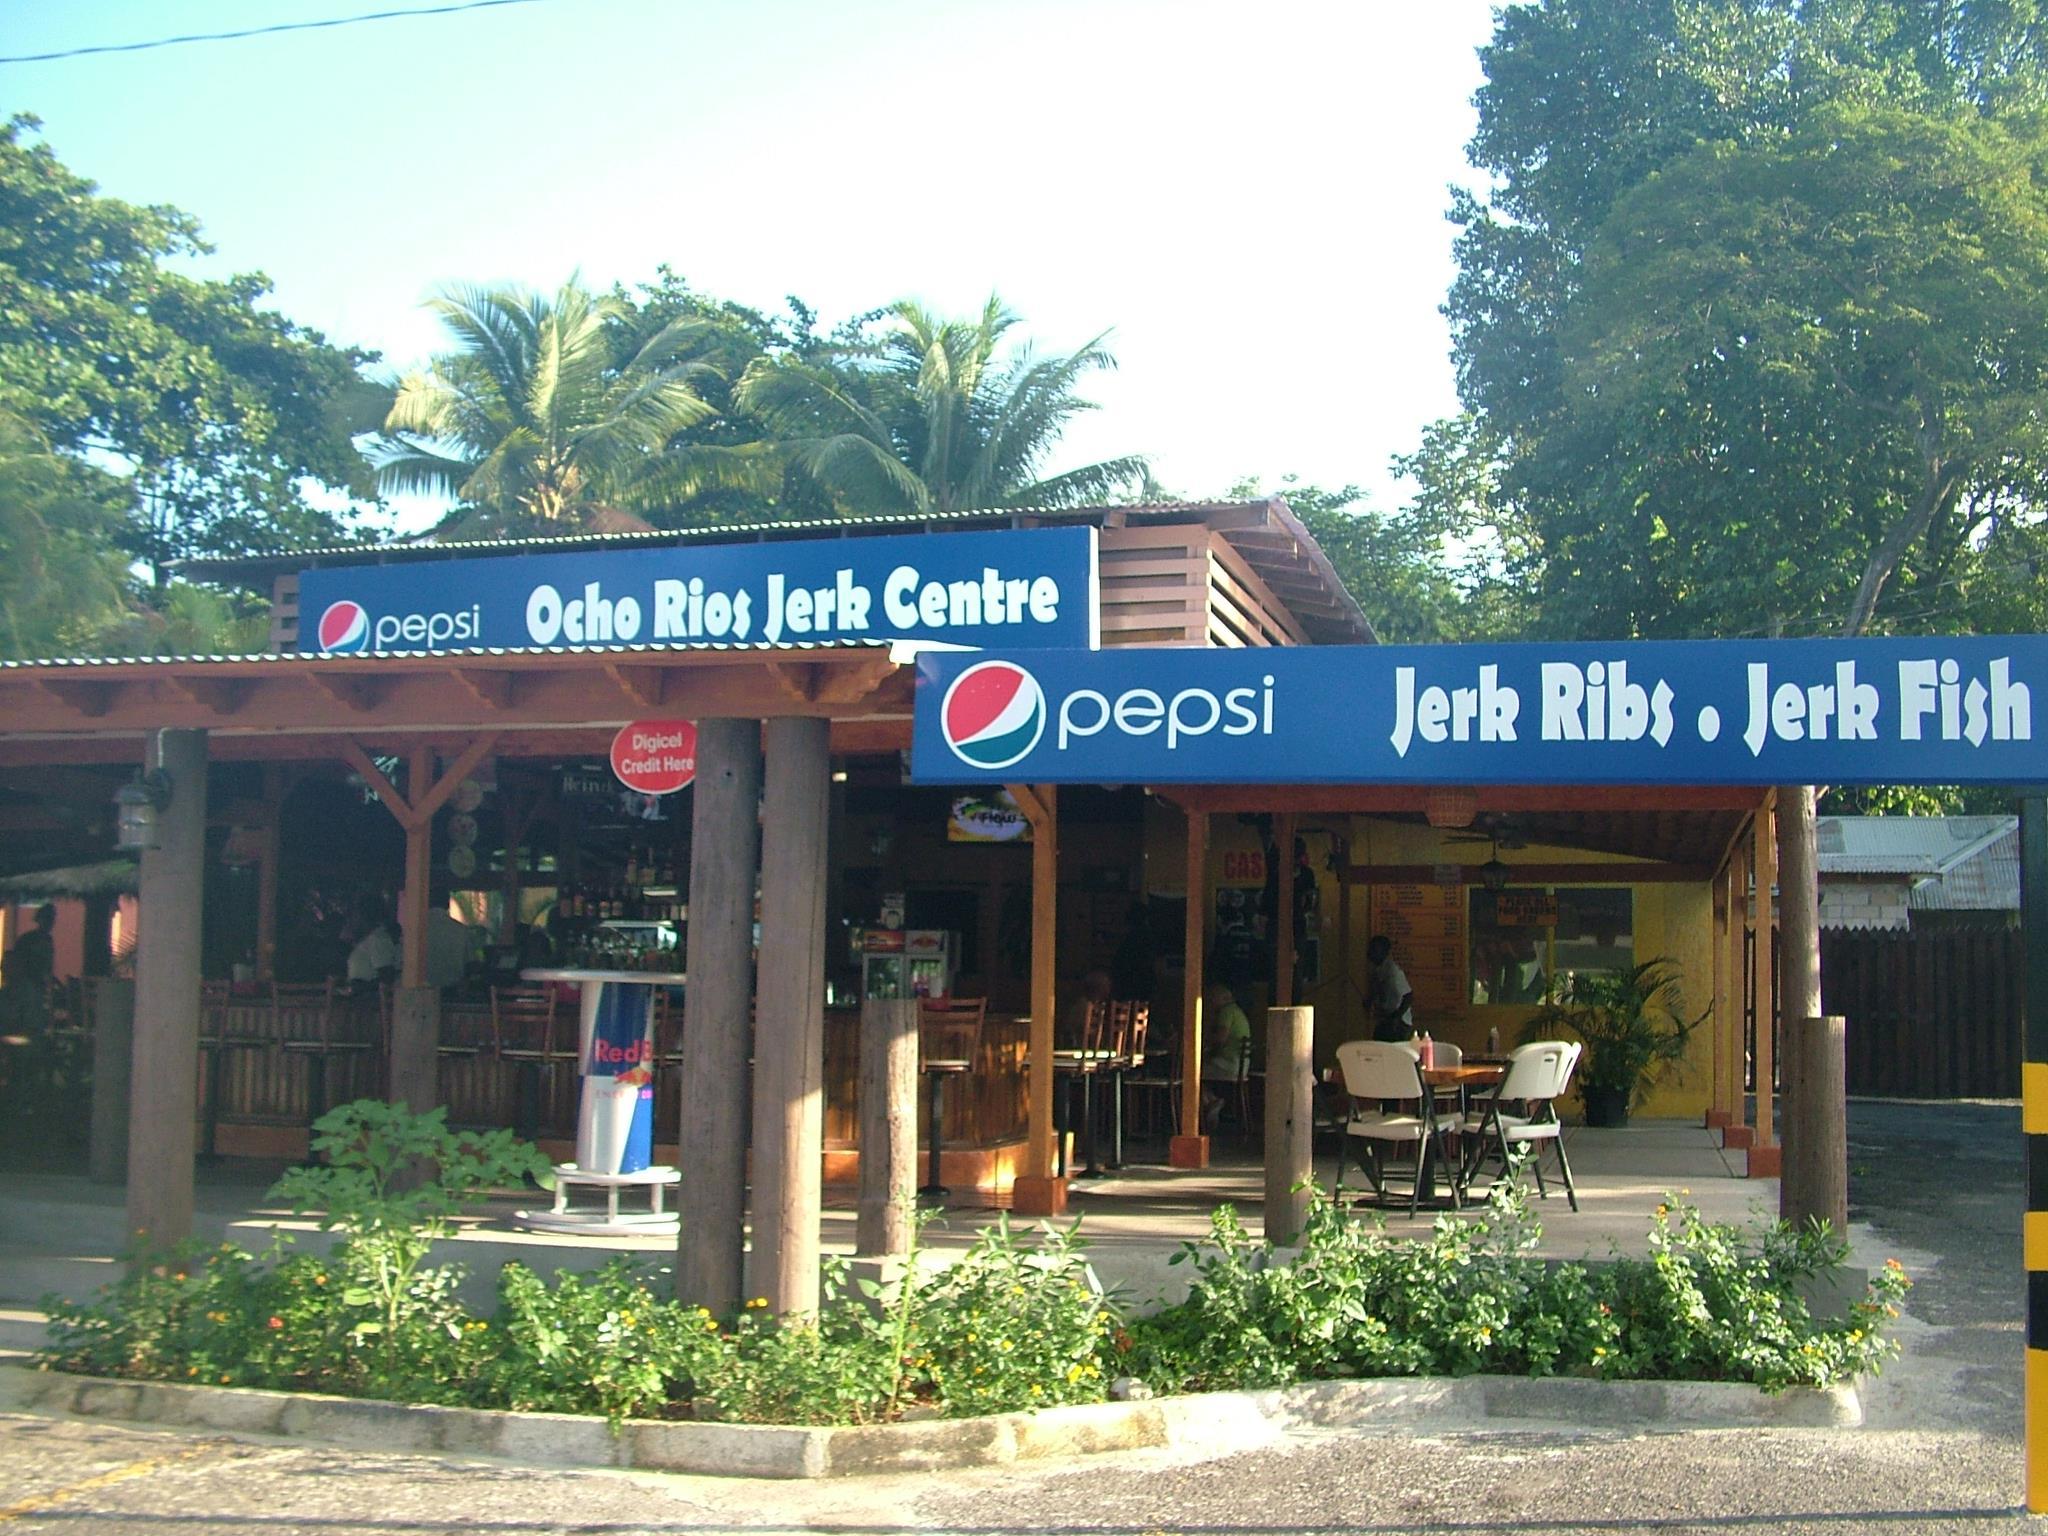 restaurants in ocho rios 2400, best restaurants in ocho rios 170, ocho rios food, where to eat in ocho rios, Ocho Rios Jerk Centre